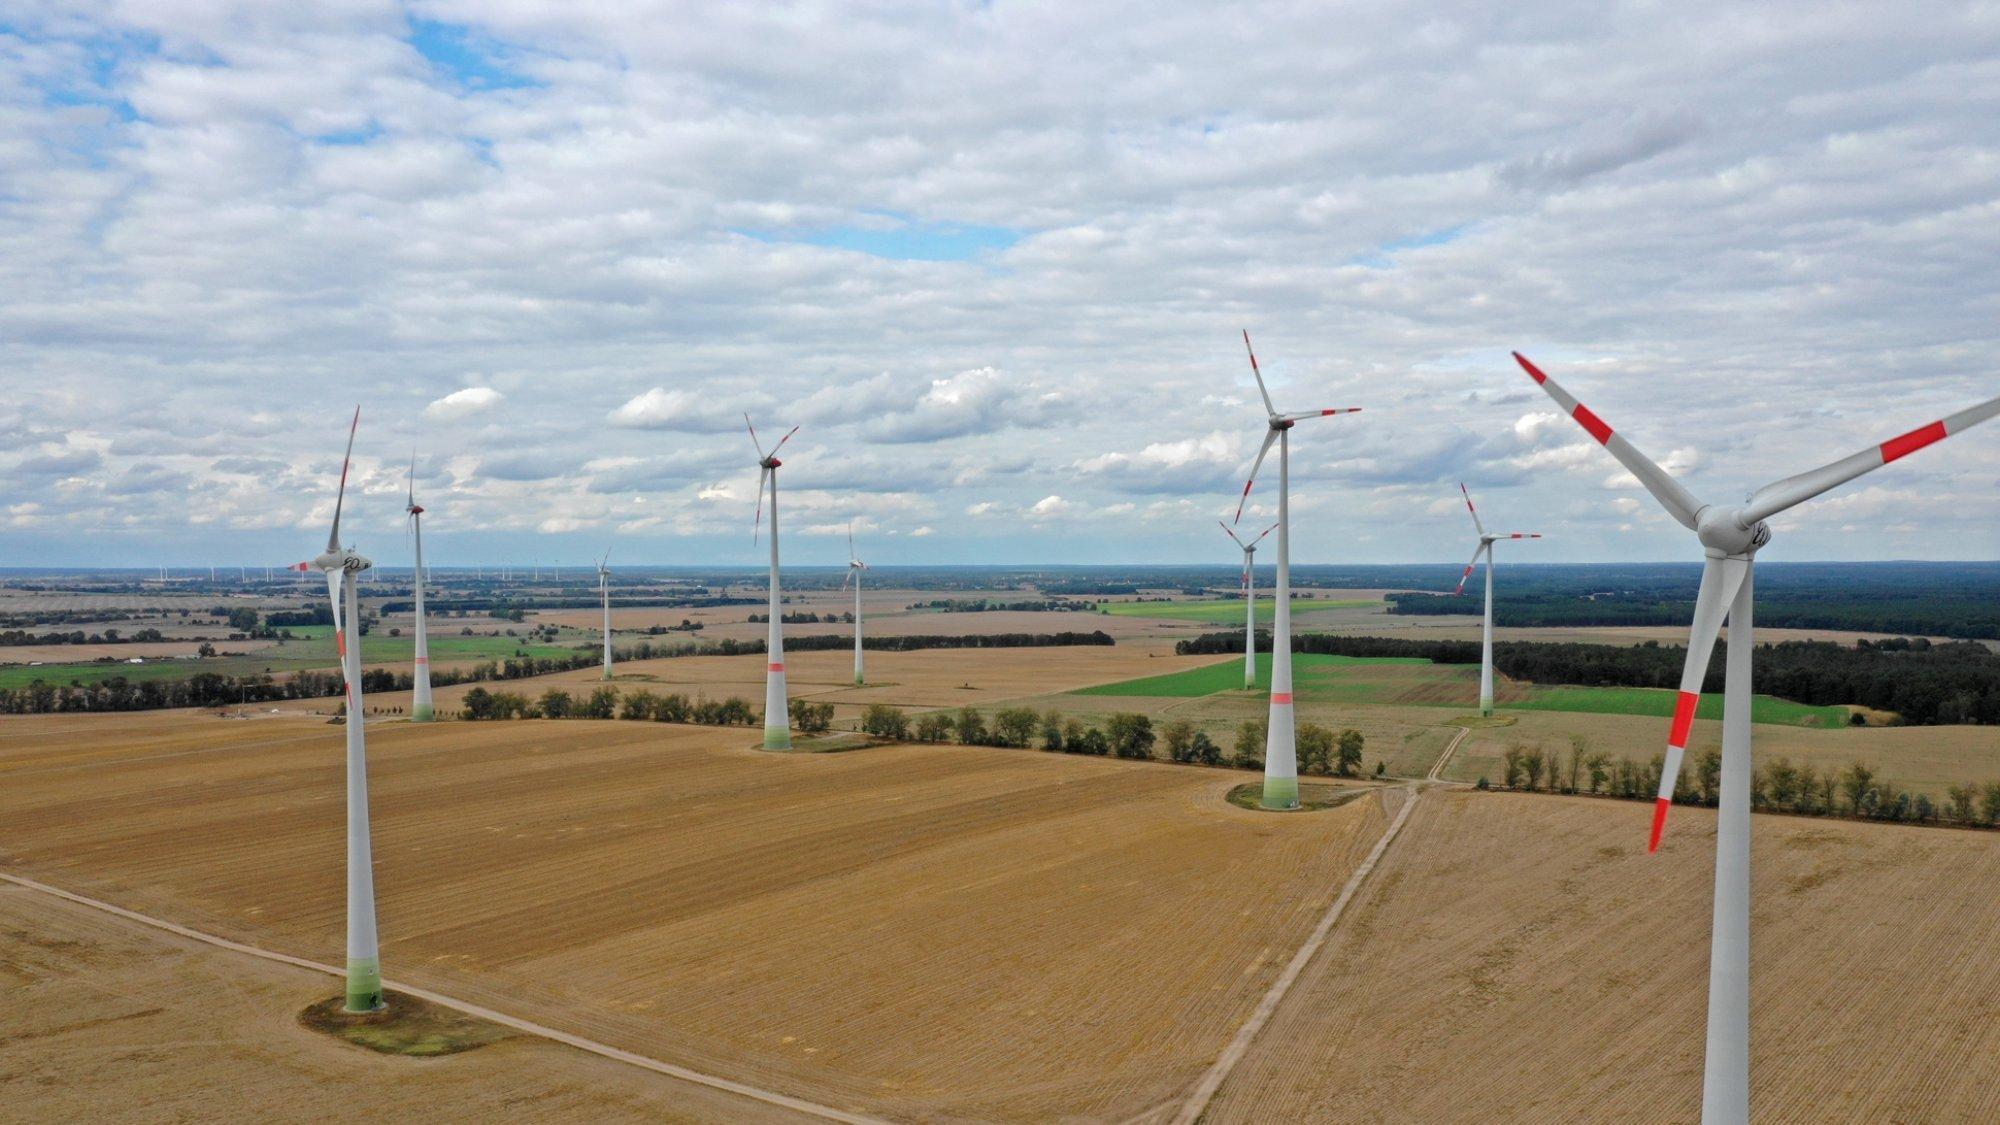 Das Bild zeigt Windräder in einer Agrarlandschaft